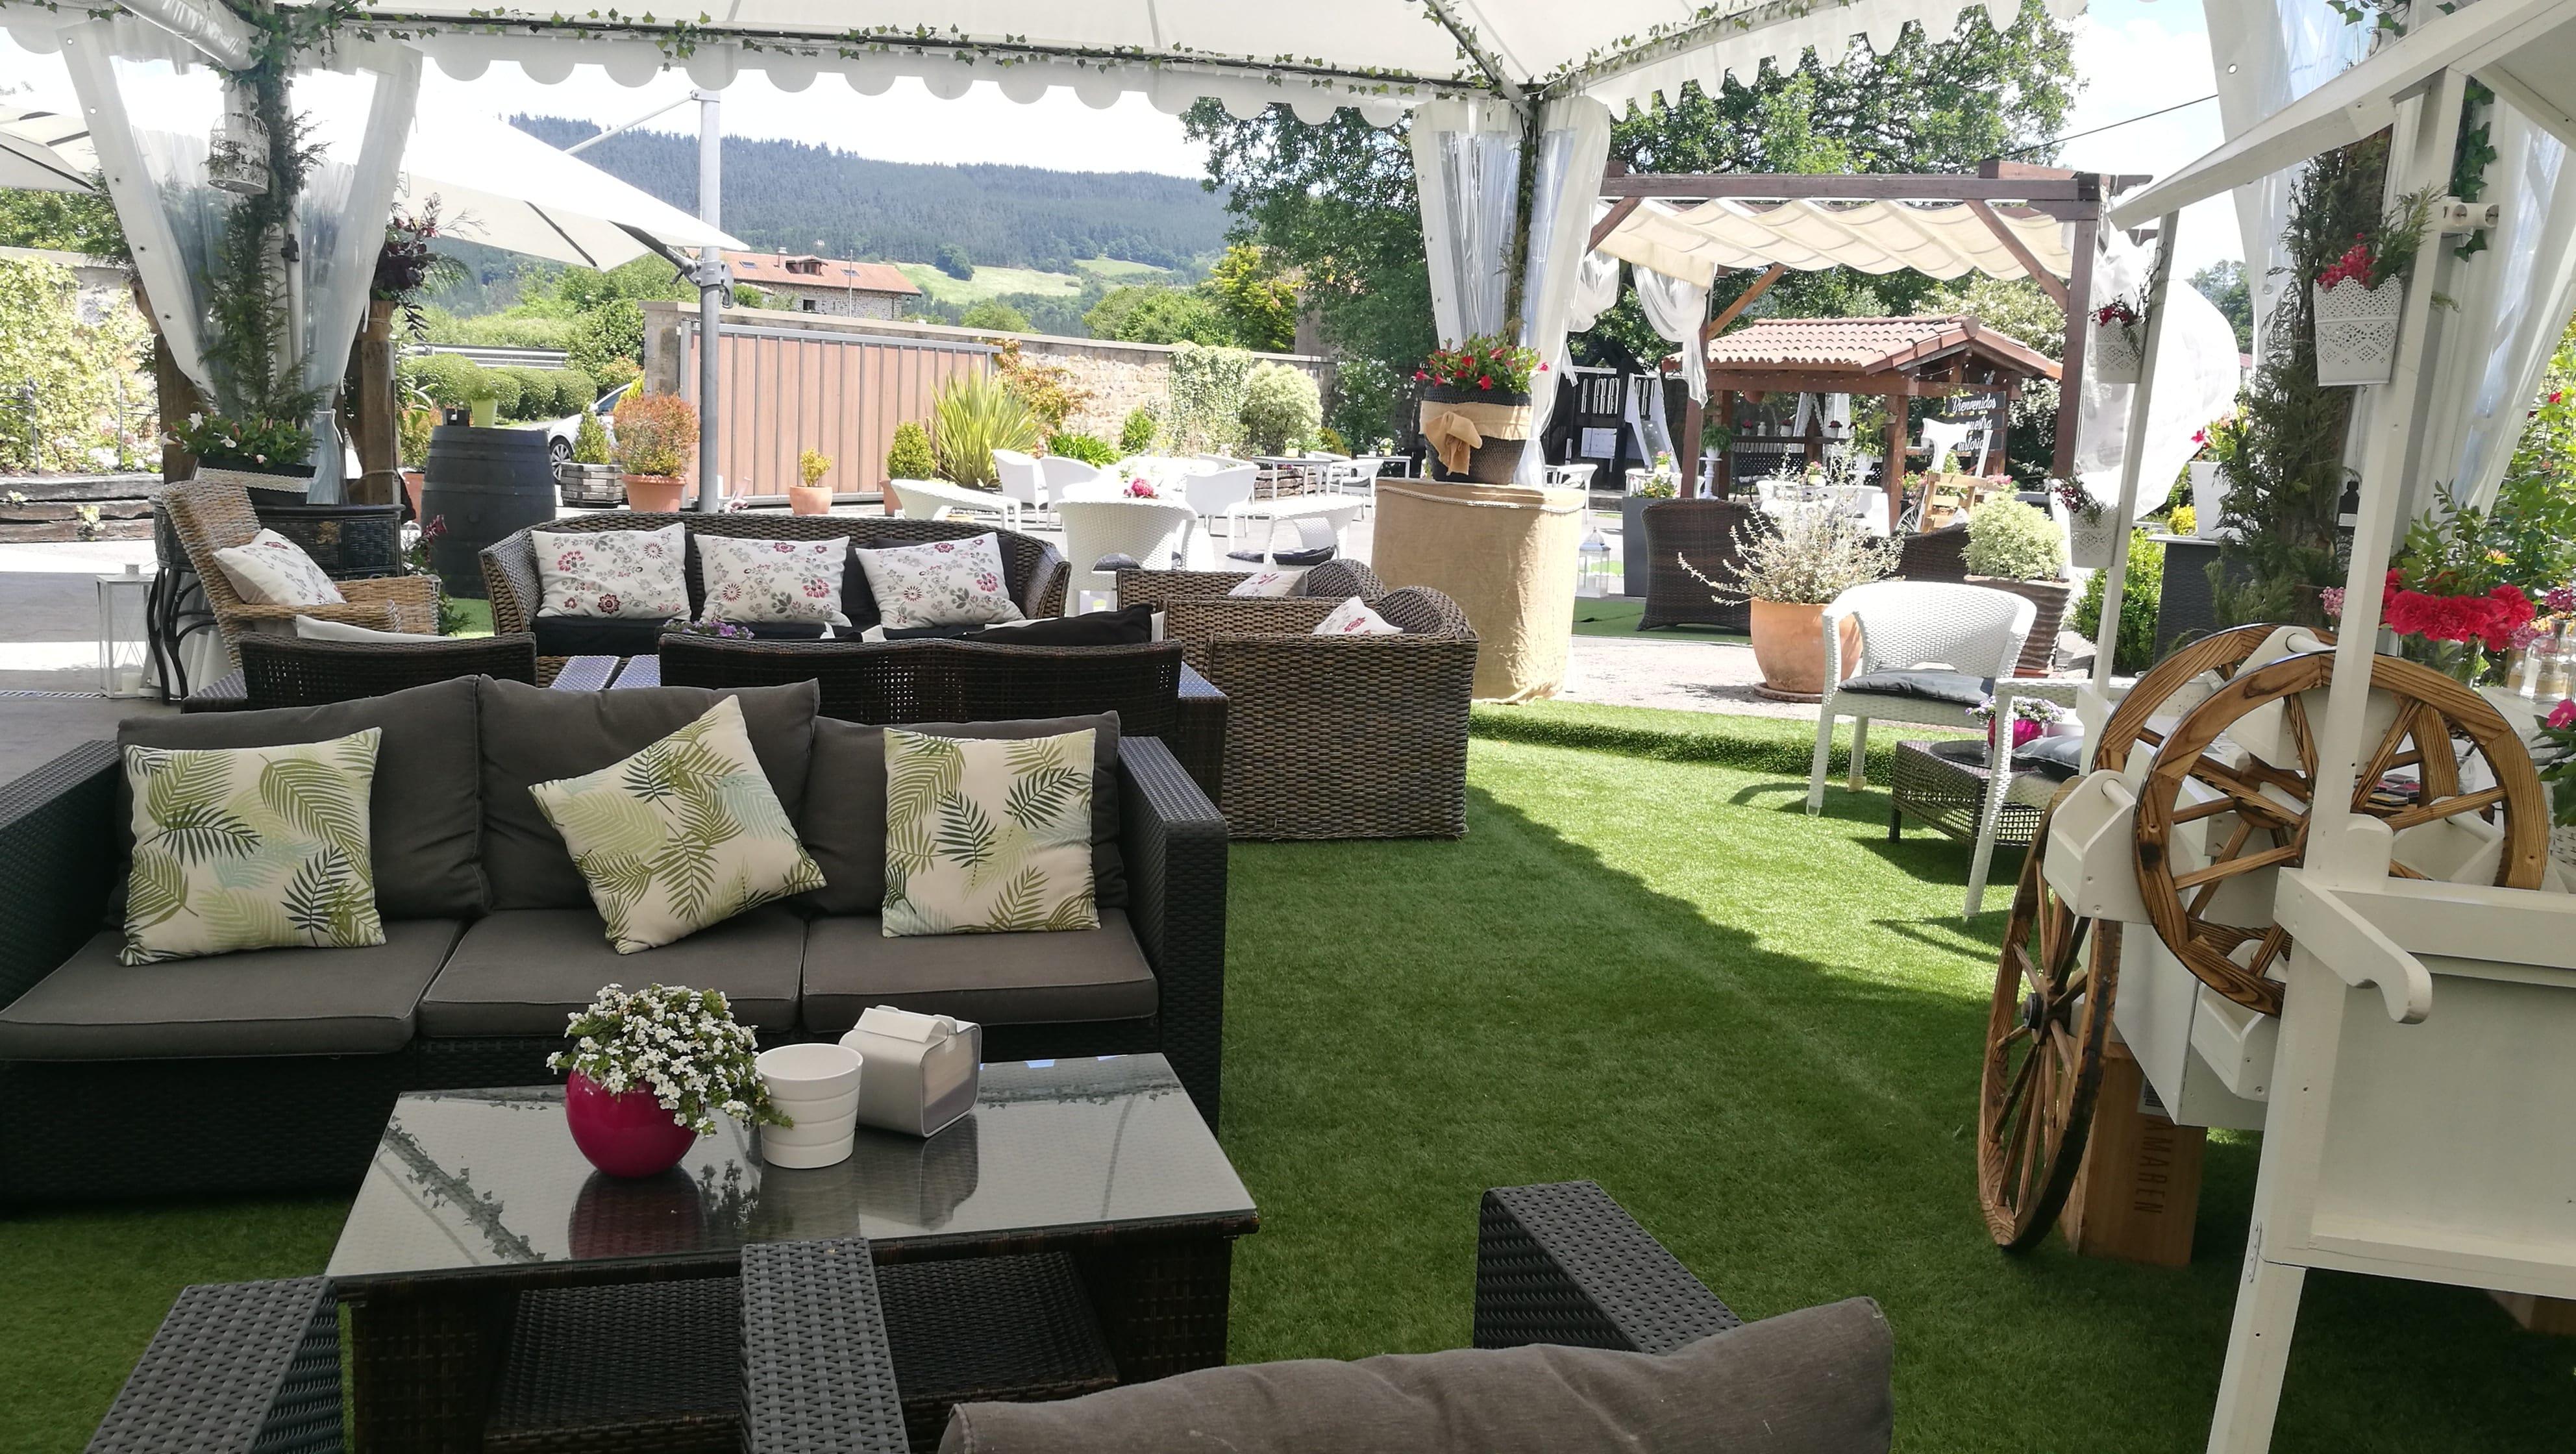 restaurante_bideko-exteriores-terraza-cocina_tradicional_vasca-restaurantes_vizcaya-restaurantes_alava-comer_en_euskadi-bideko-amurrio-lezama (52)